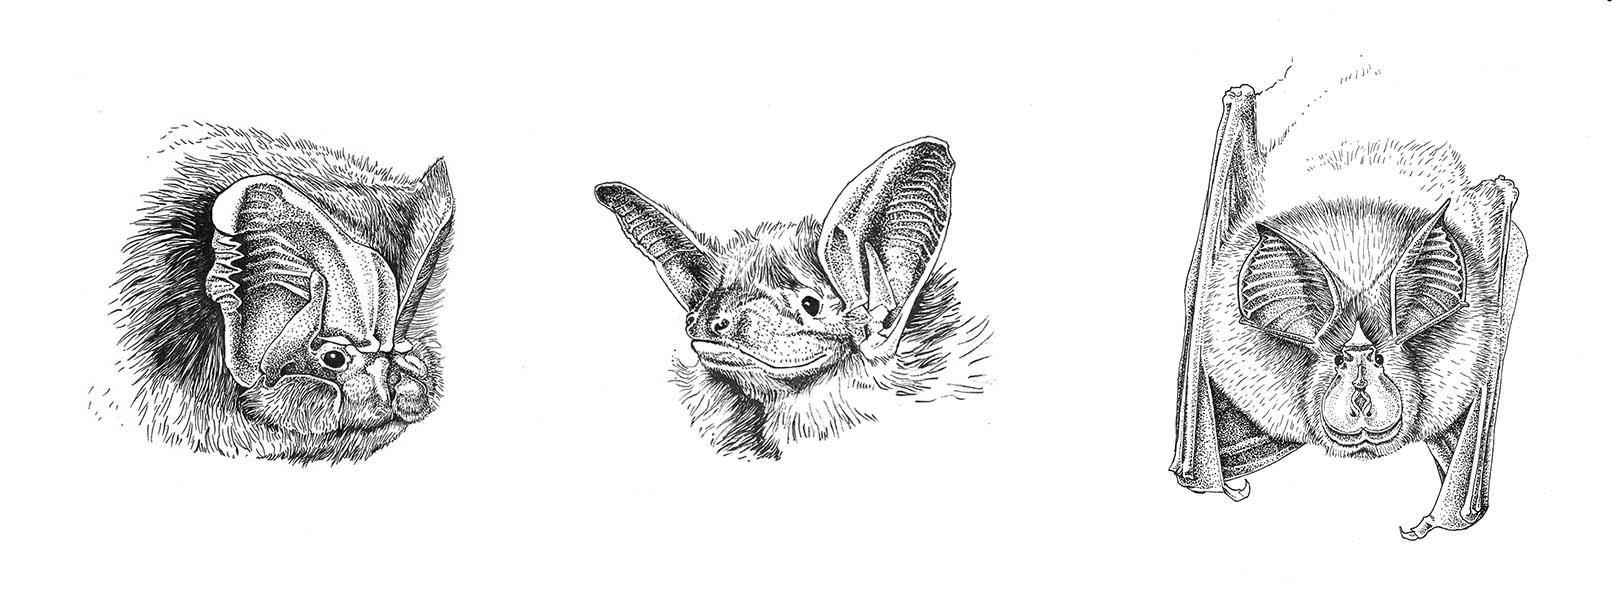 Portraits de trois chauves-souris par Charlotte Guicho